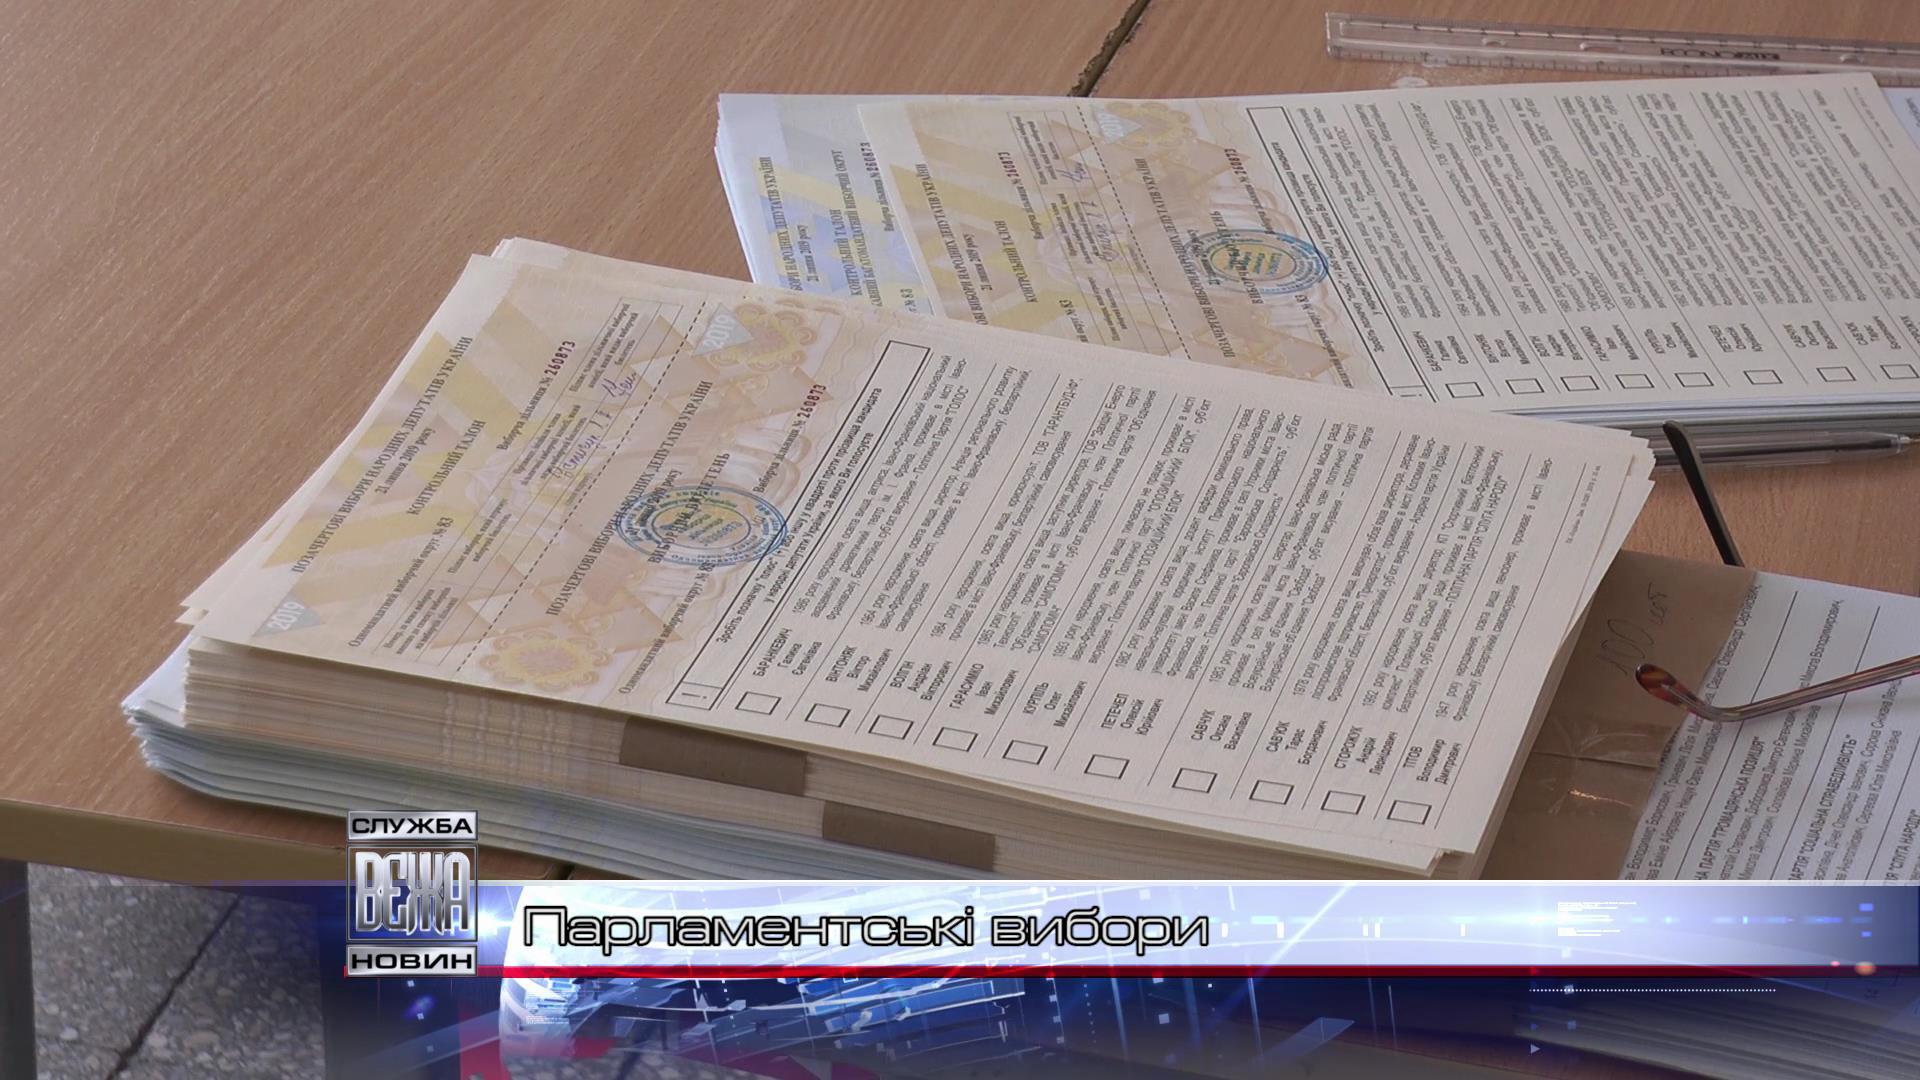 Парламентські вибори[17-02-49]